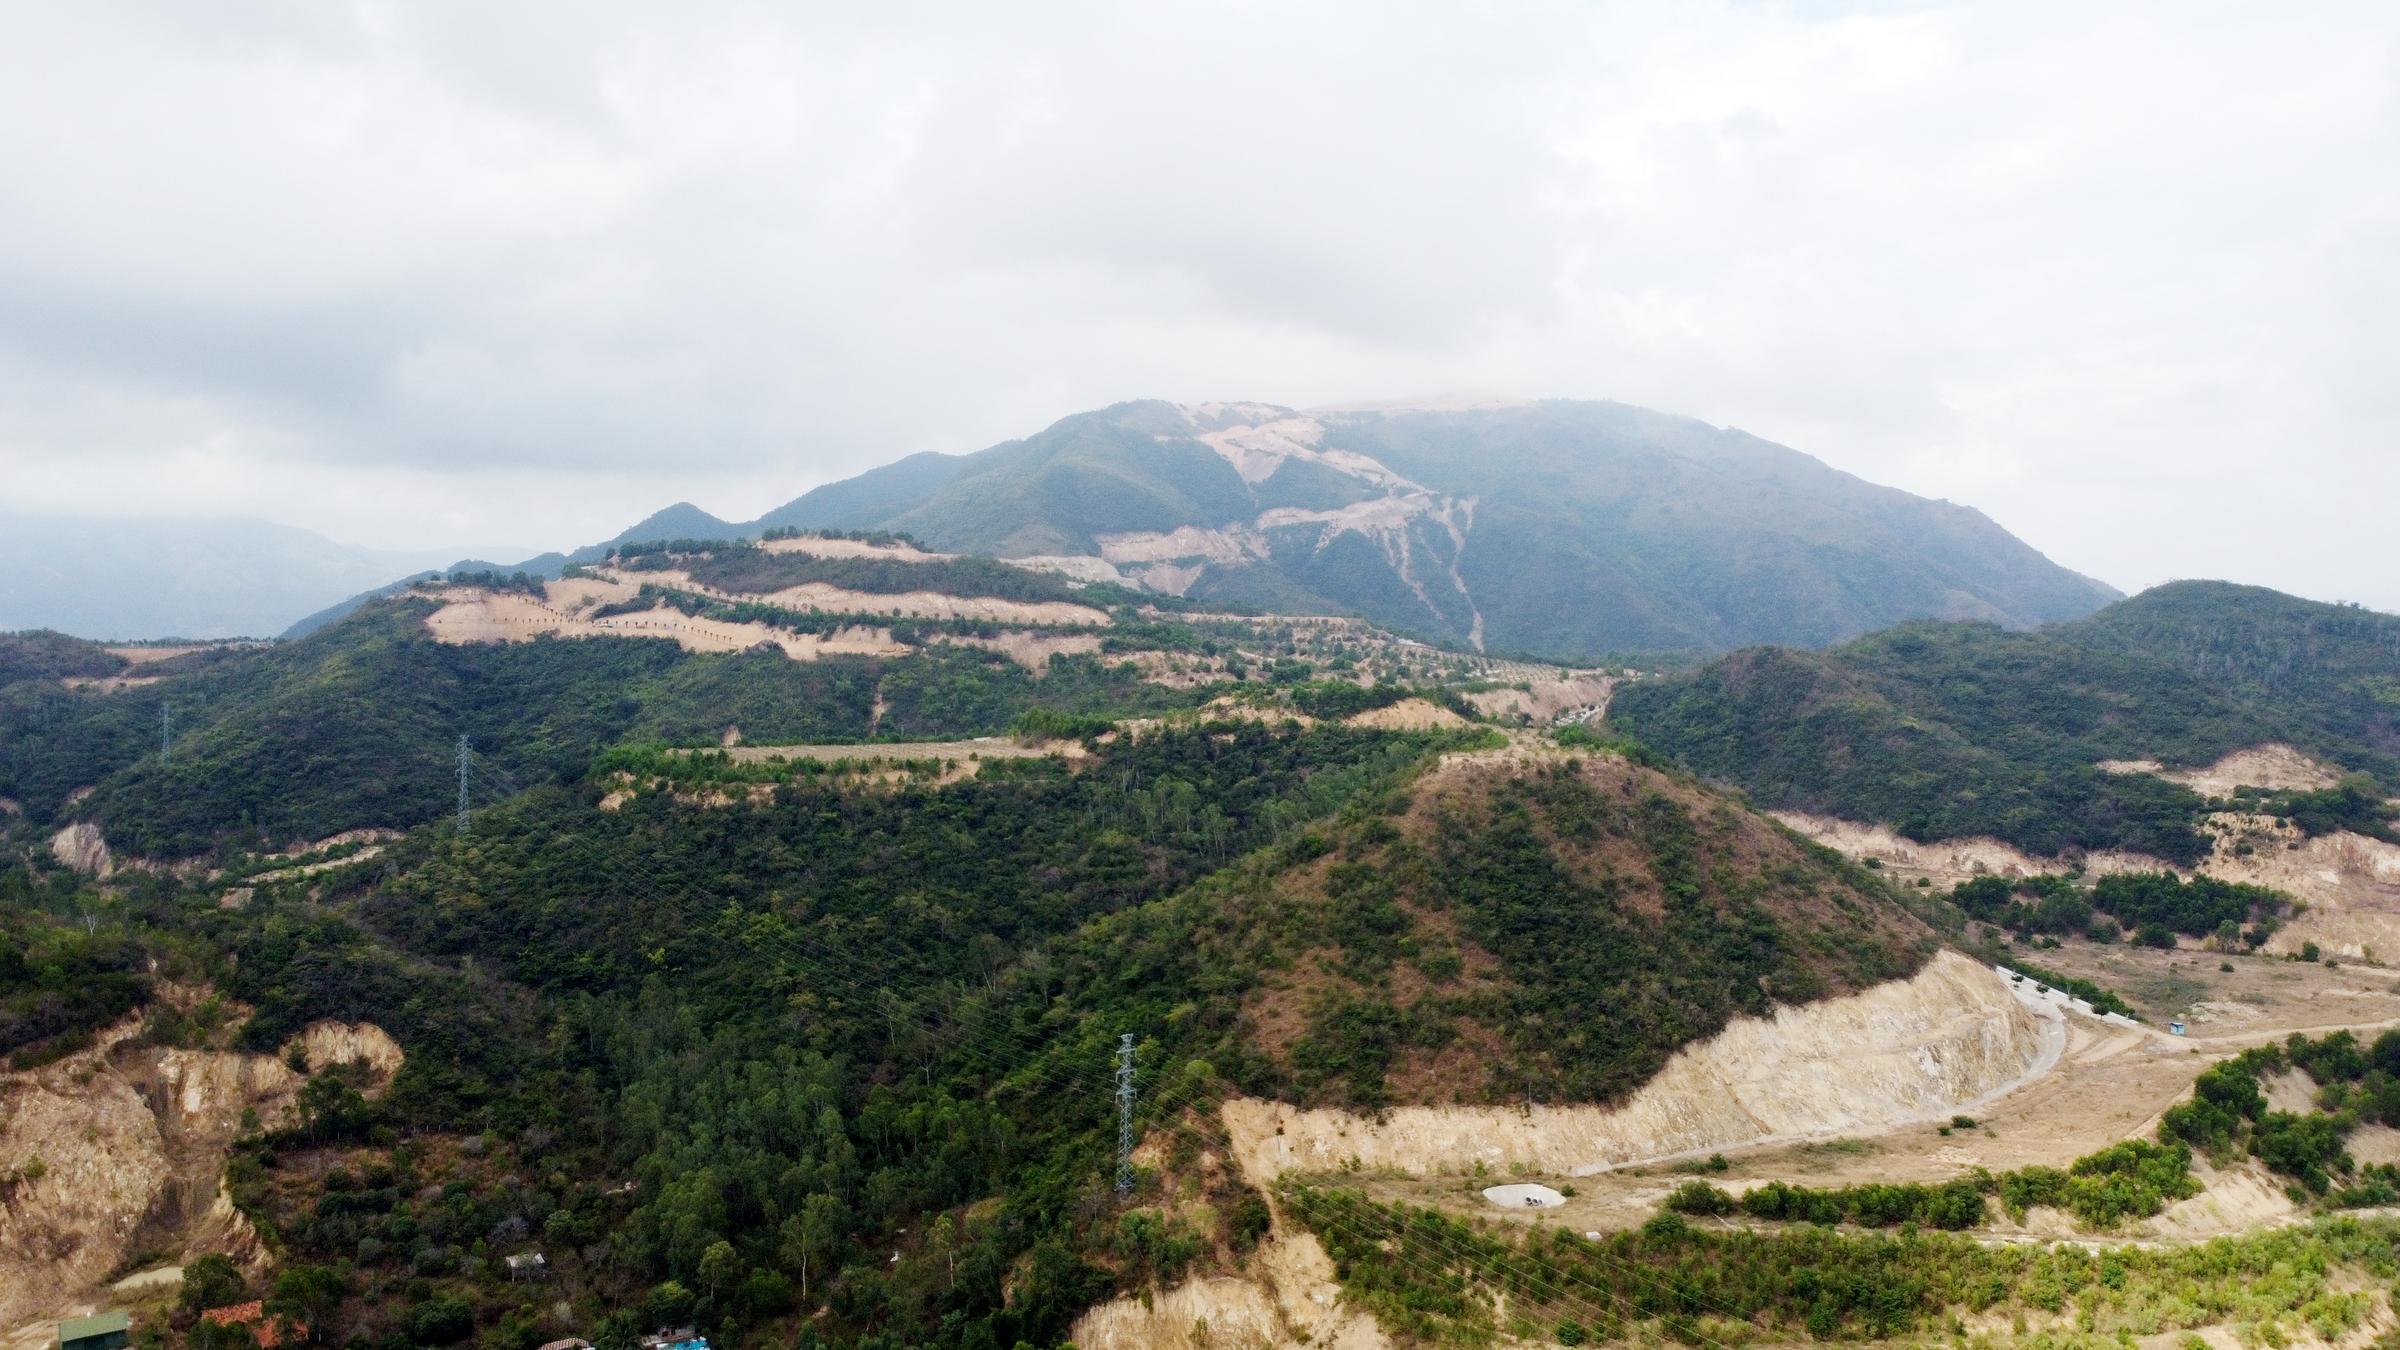 Một góc núi Chín Khúc nơi doanh nghiệp làm dự án, hồi tháng 4. Ảnh: Xuân Ngọc.